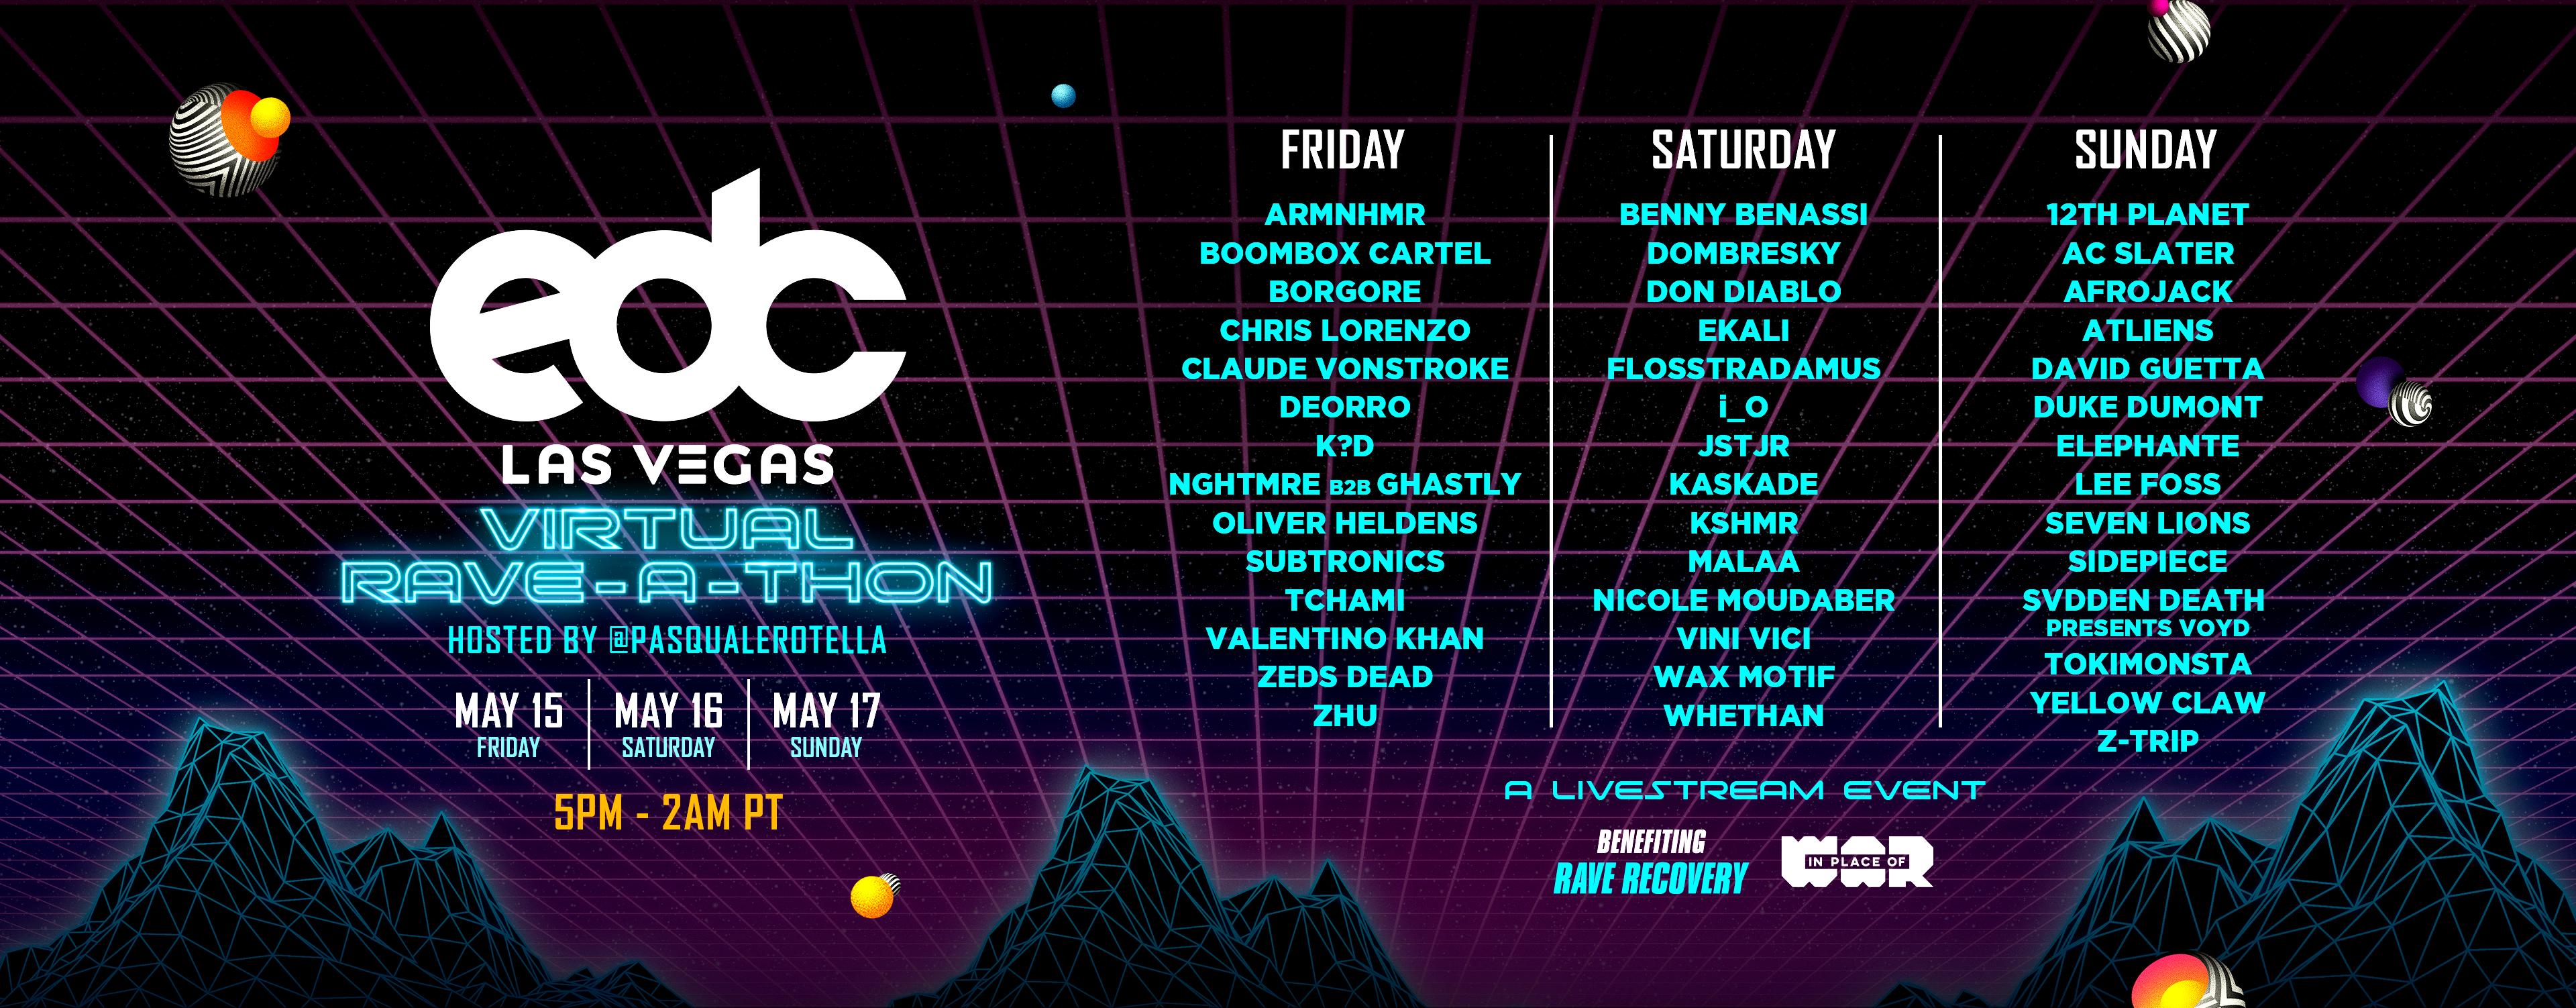 EDC Las Vegas Virtual Rave-A-Thon Lineup By Day